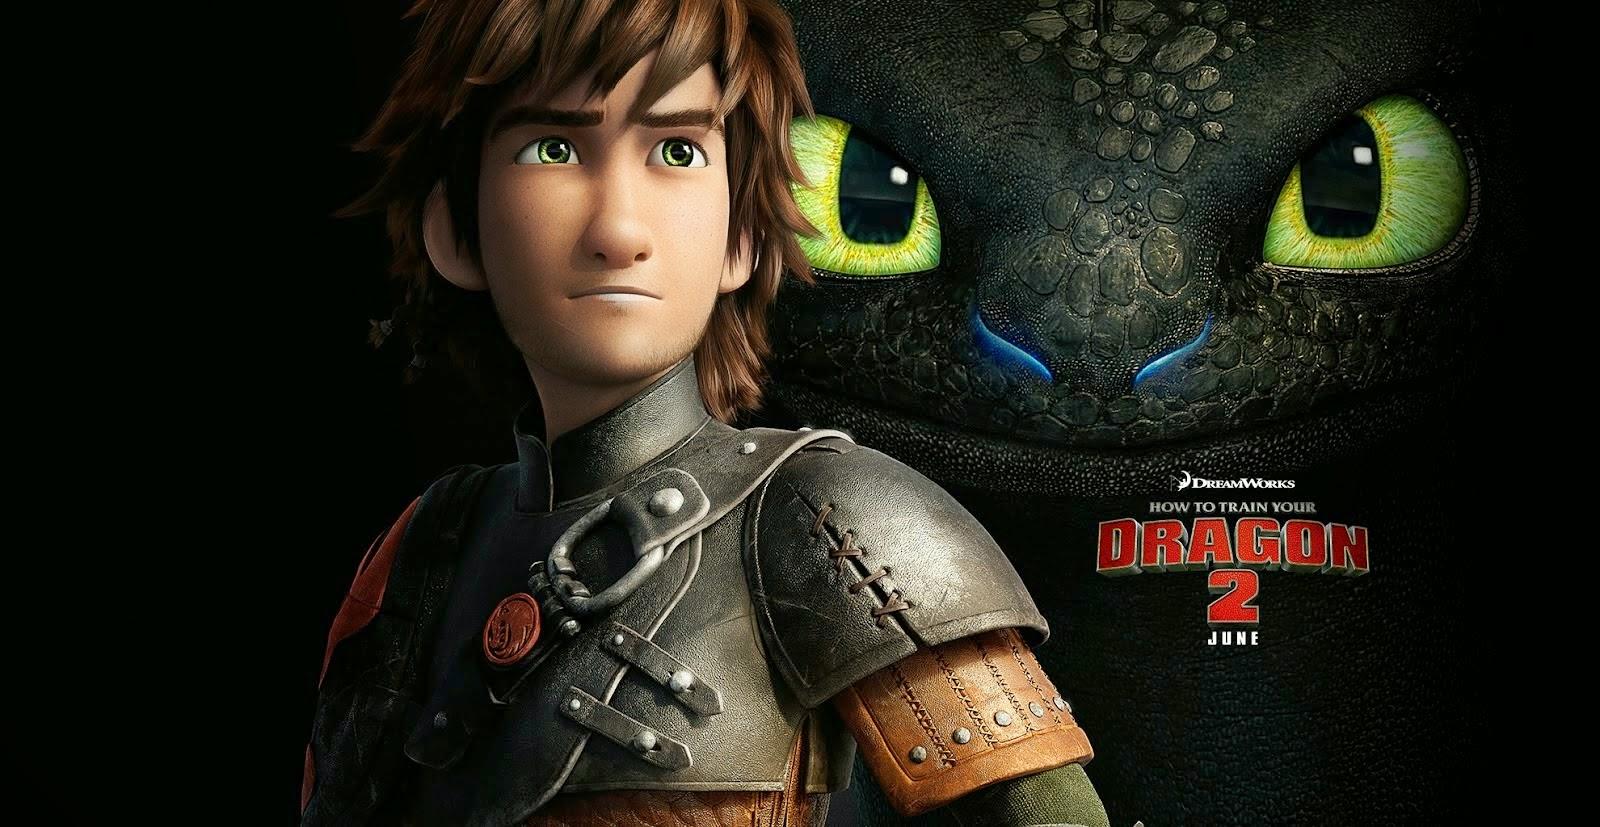 dreamworks dragons torrent